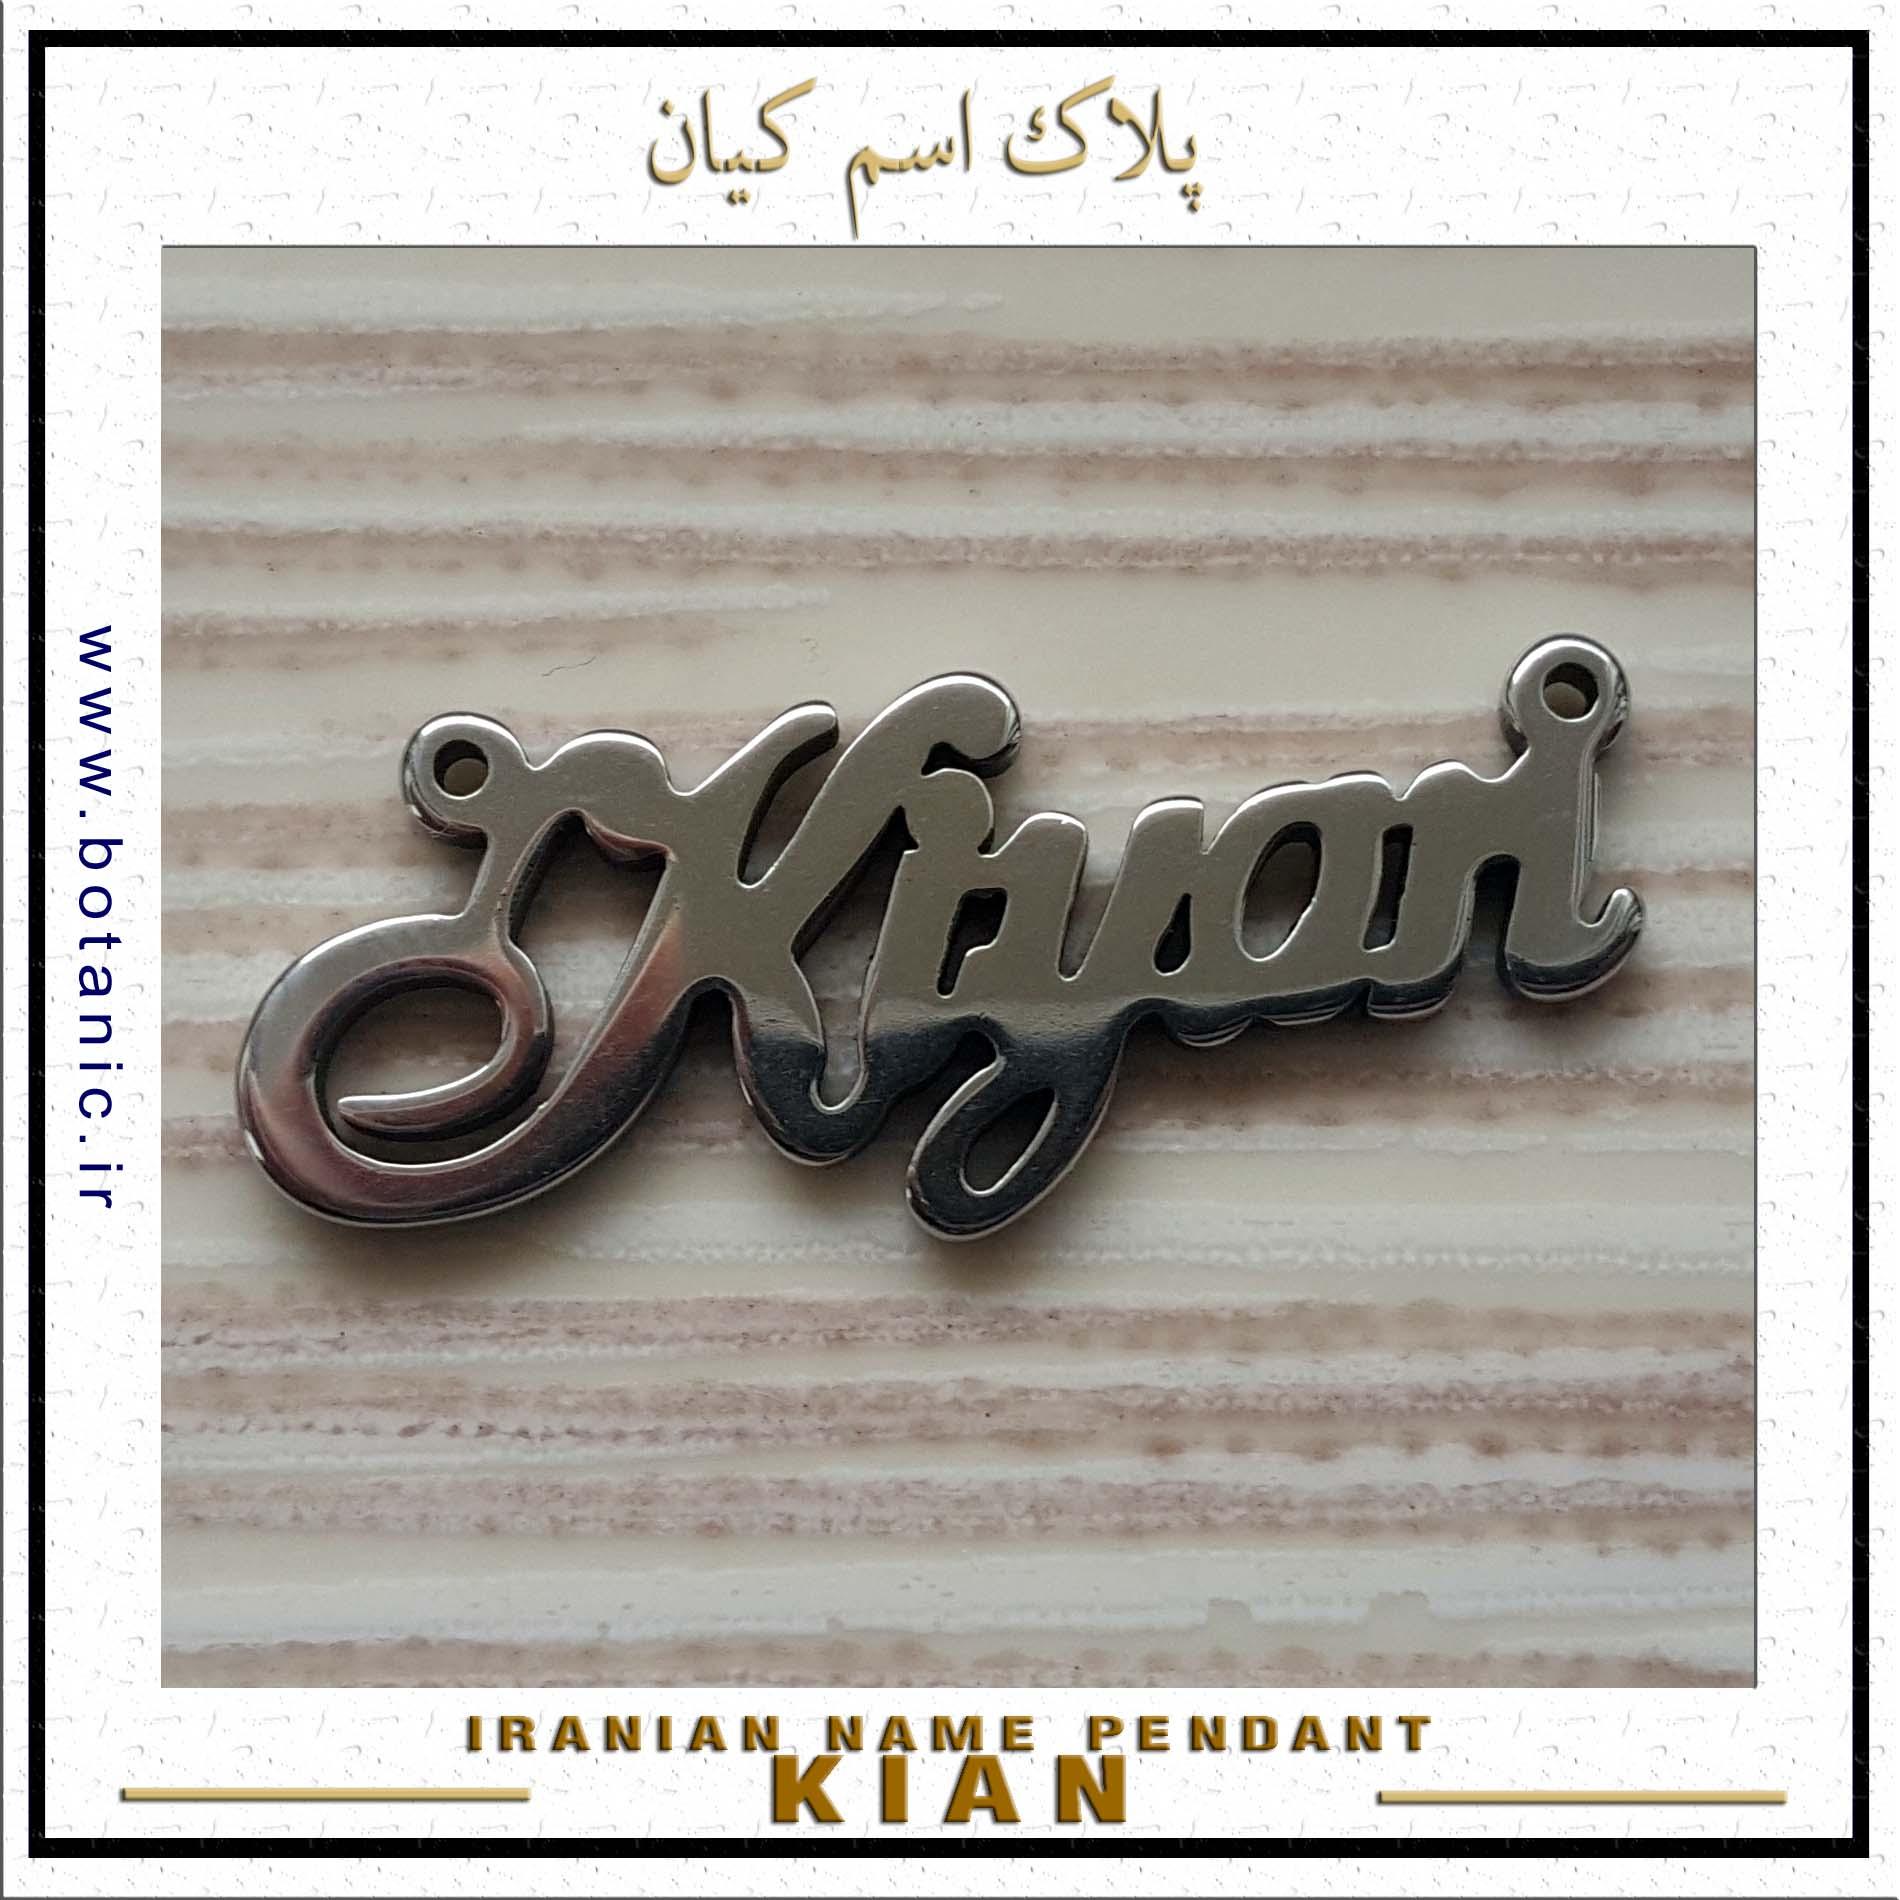 Iranian Name Pendant Kian